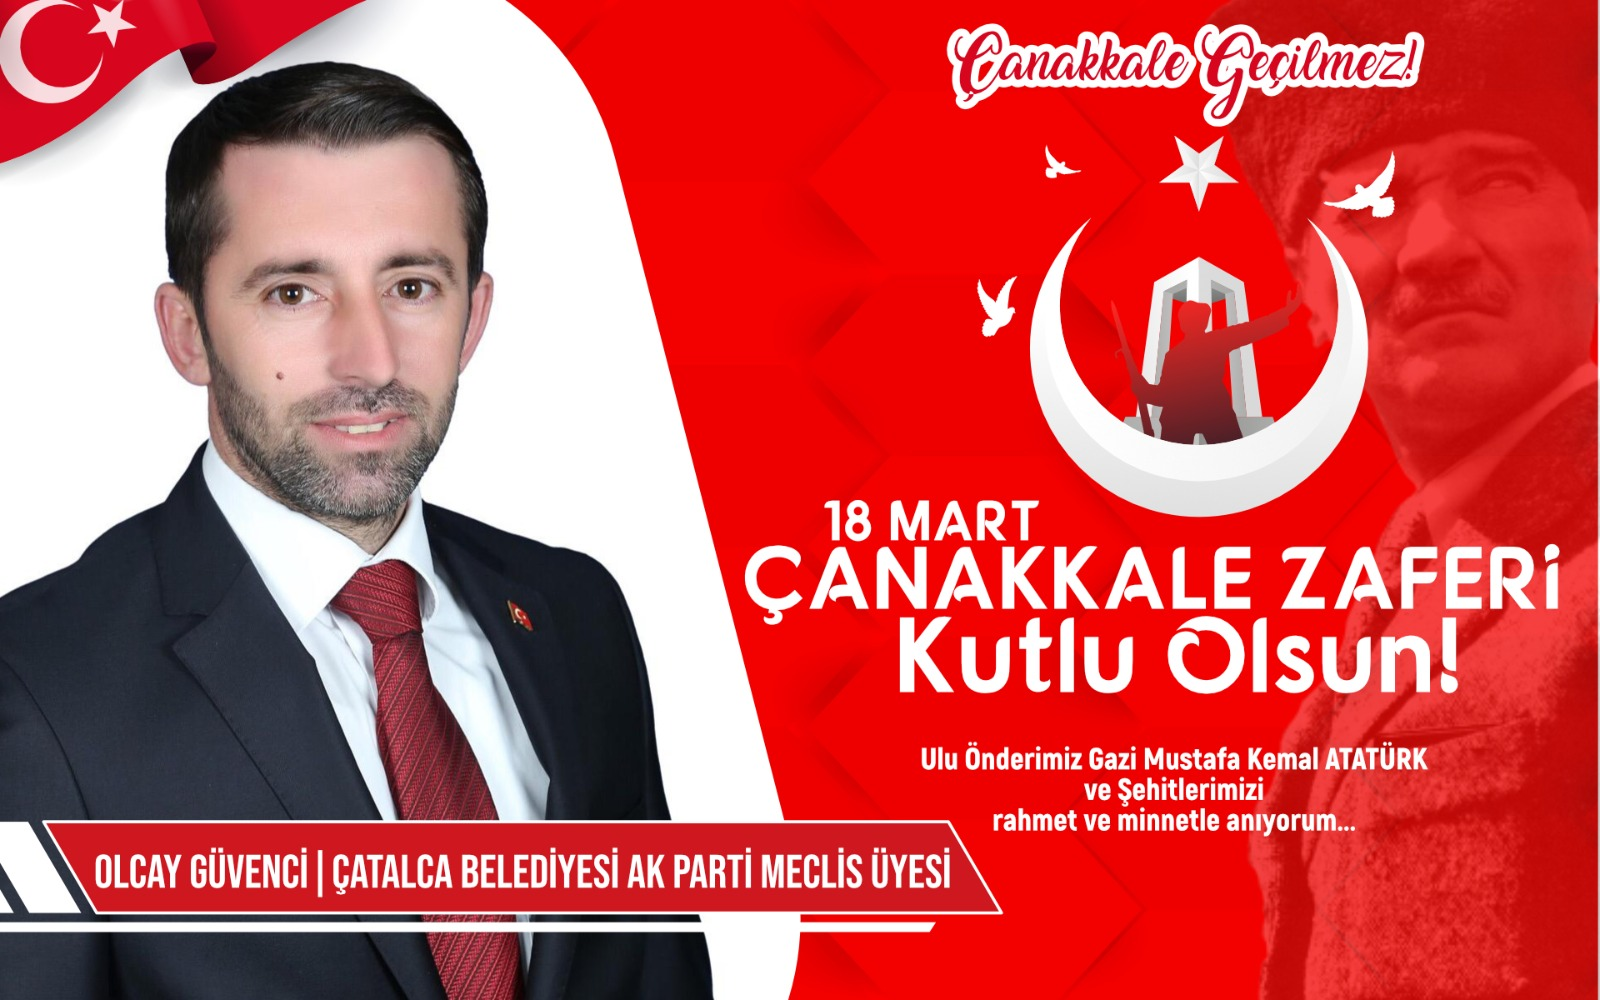 Çatalca Belediyesi AK Parti Meclis üyesi  Olcay Güvenci'den Kutlama ve Anma mesajı